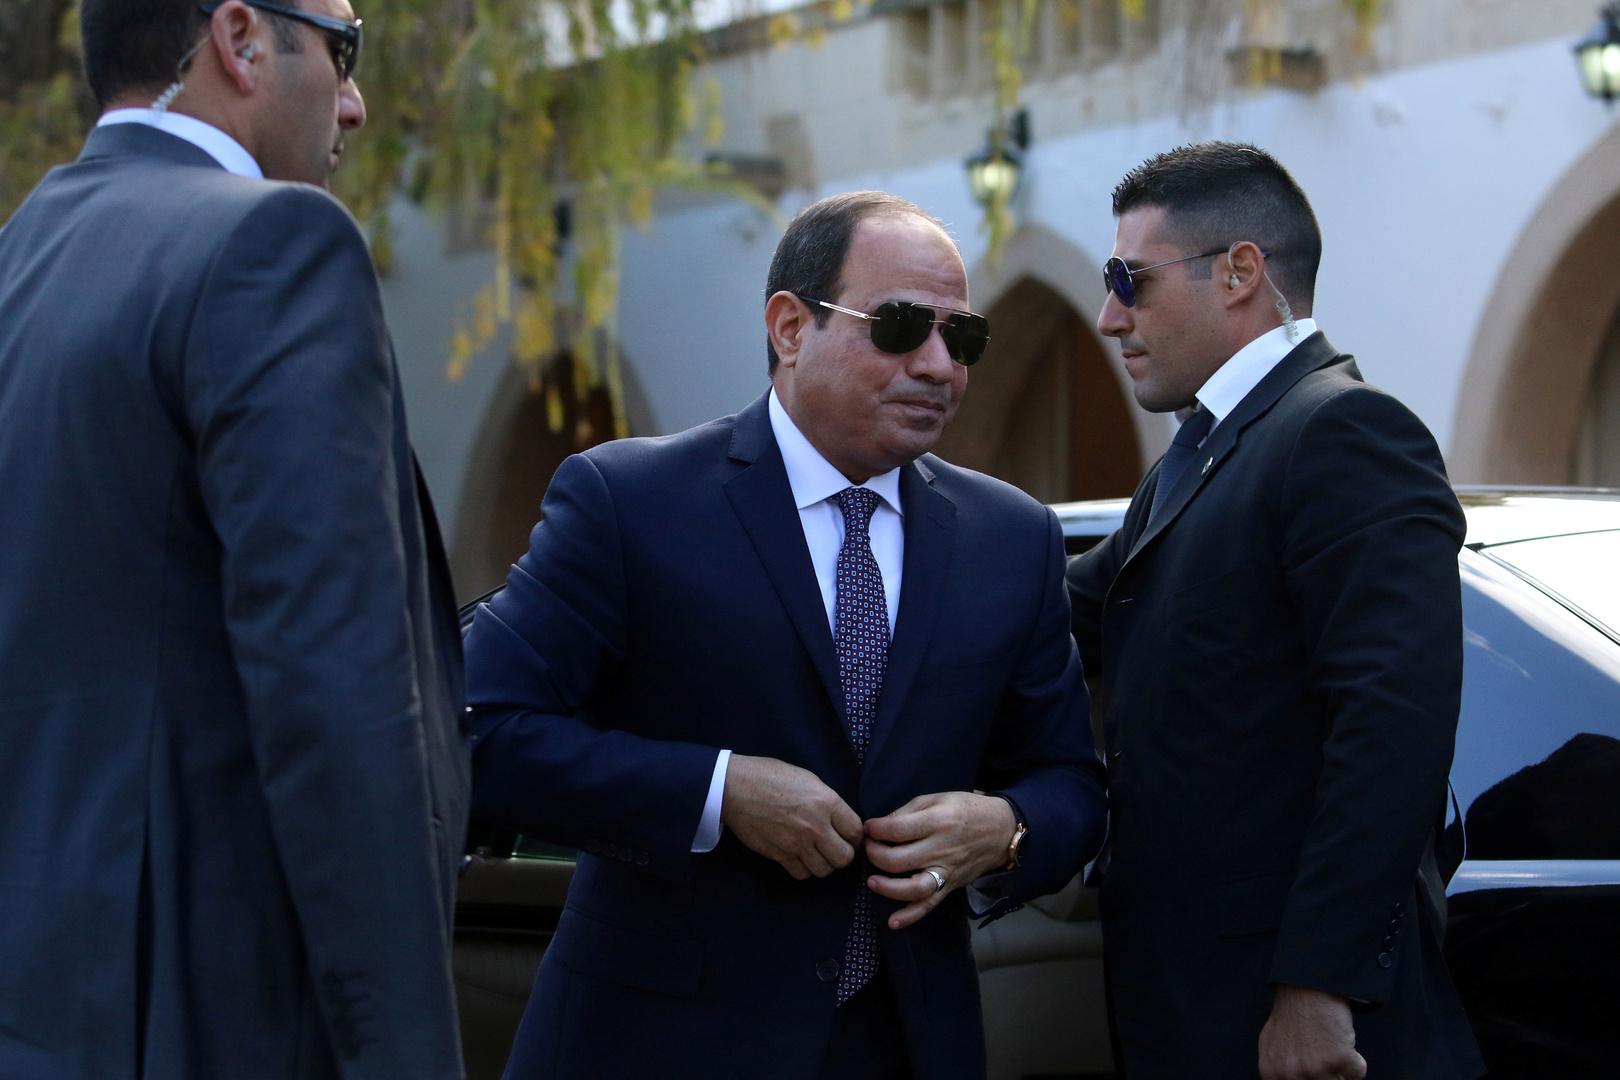 السيسي يعاتب وزير النقل على الهواء (فيديو)